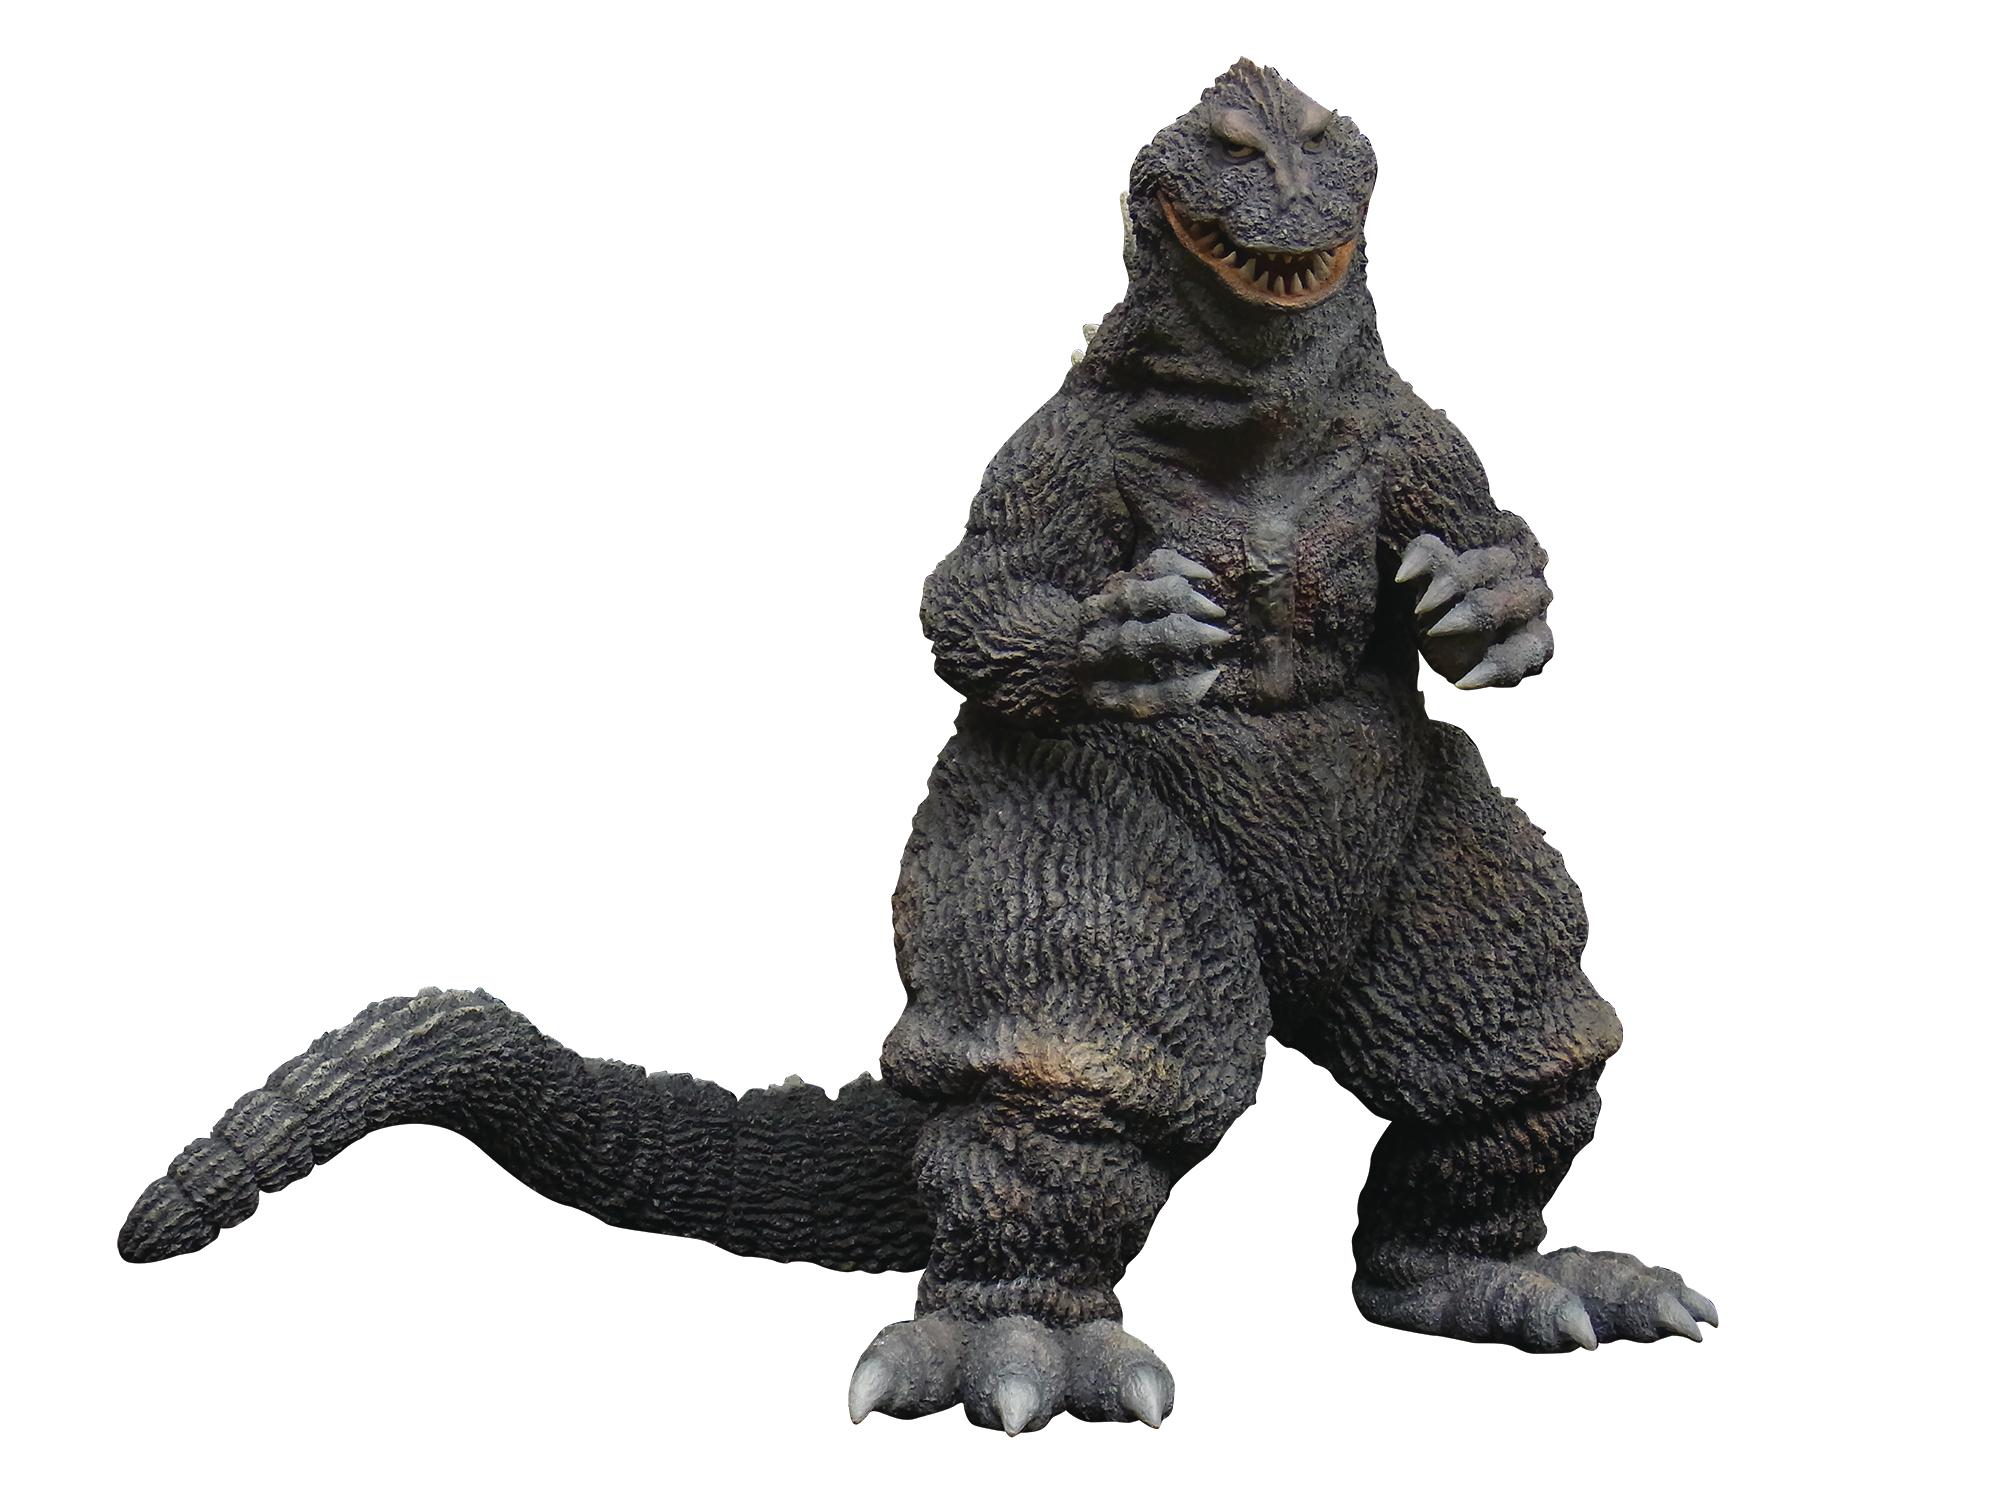 Godzilla – Brian.Carnell.Com